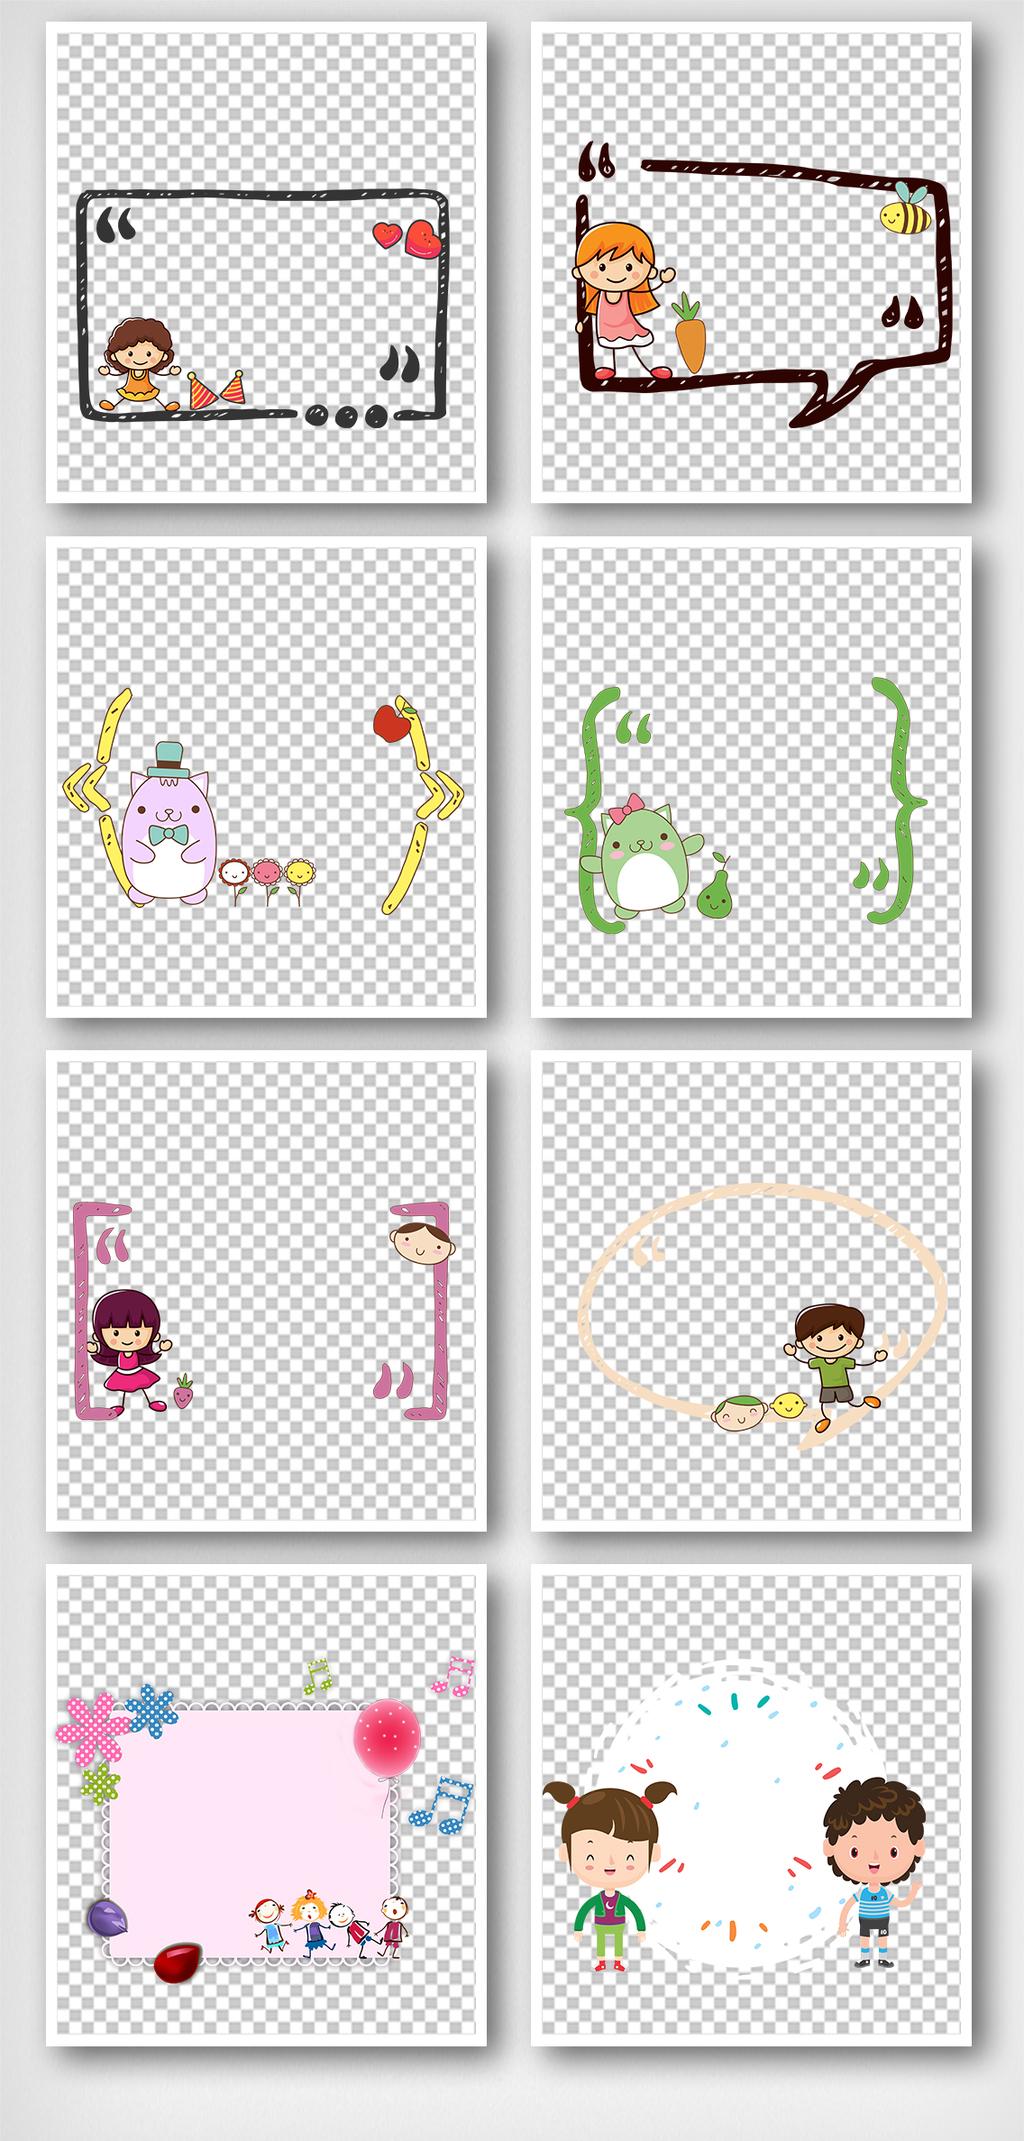 手抄报|小报 小报/板报素材 边框 > 创意可爱手绘儿童手抄报边框元素